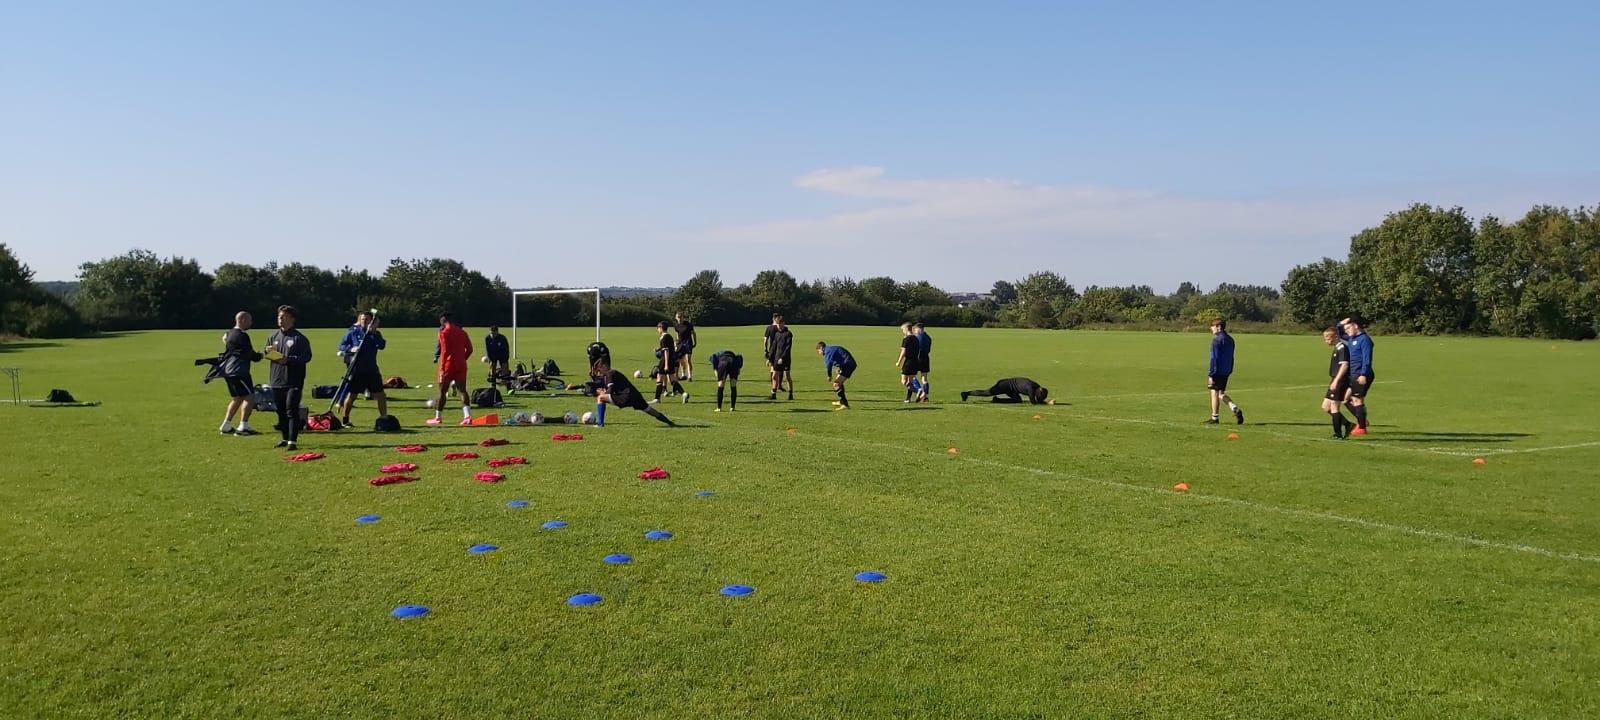 Nefa training facilities